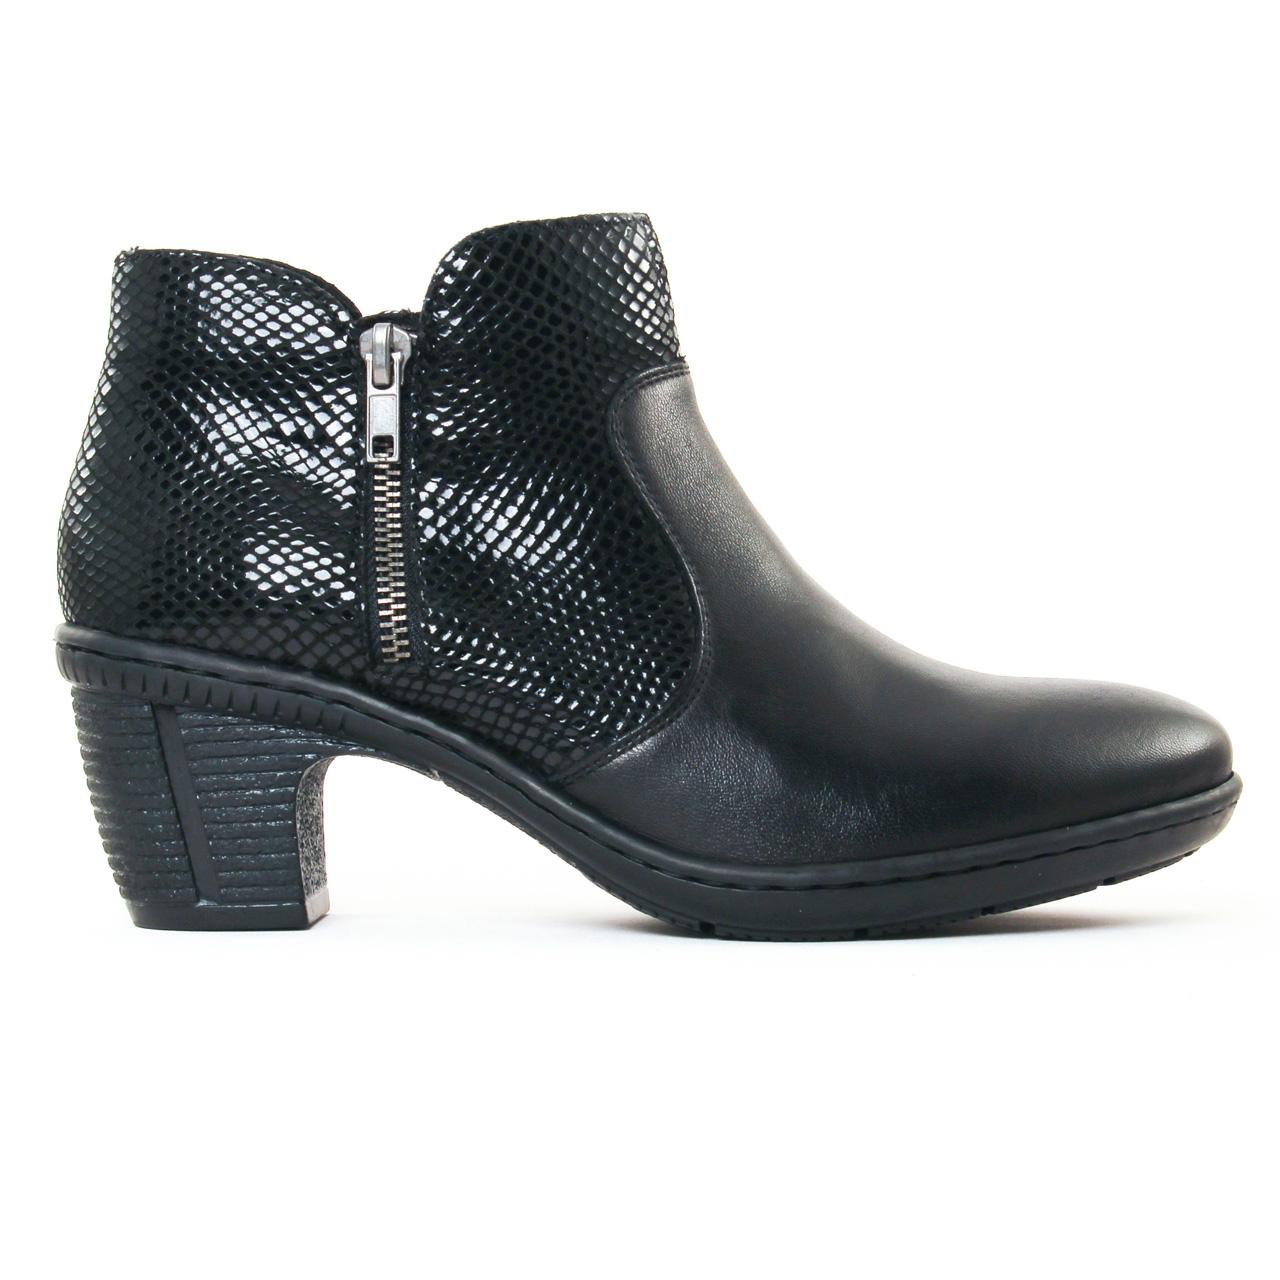 Rieker 50288 Noir | low boots noir automne hiver chez TROIS